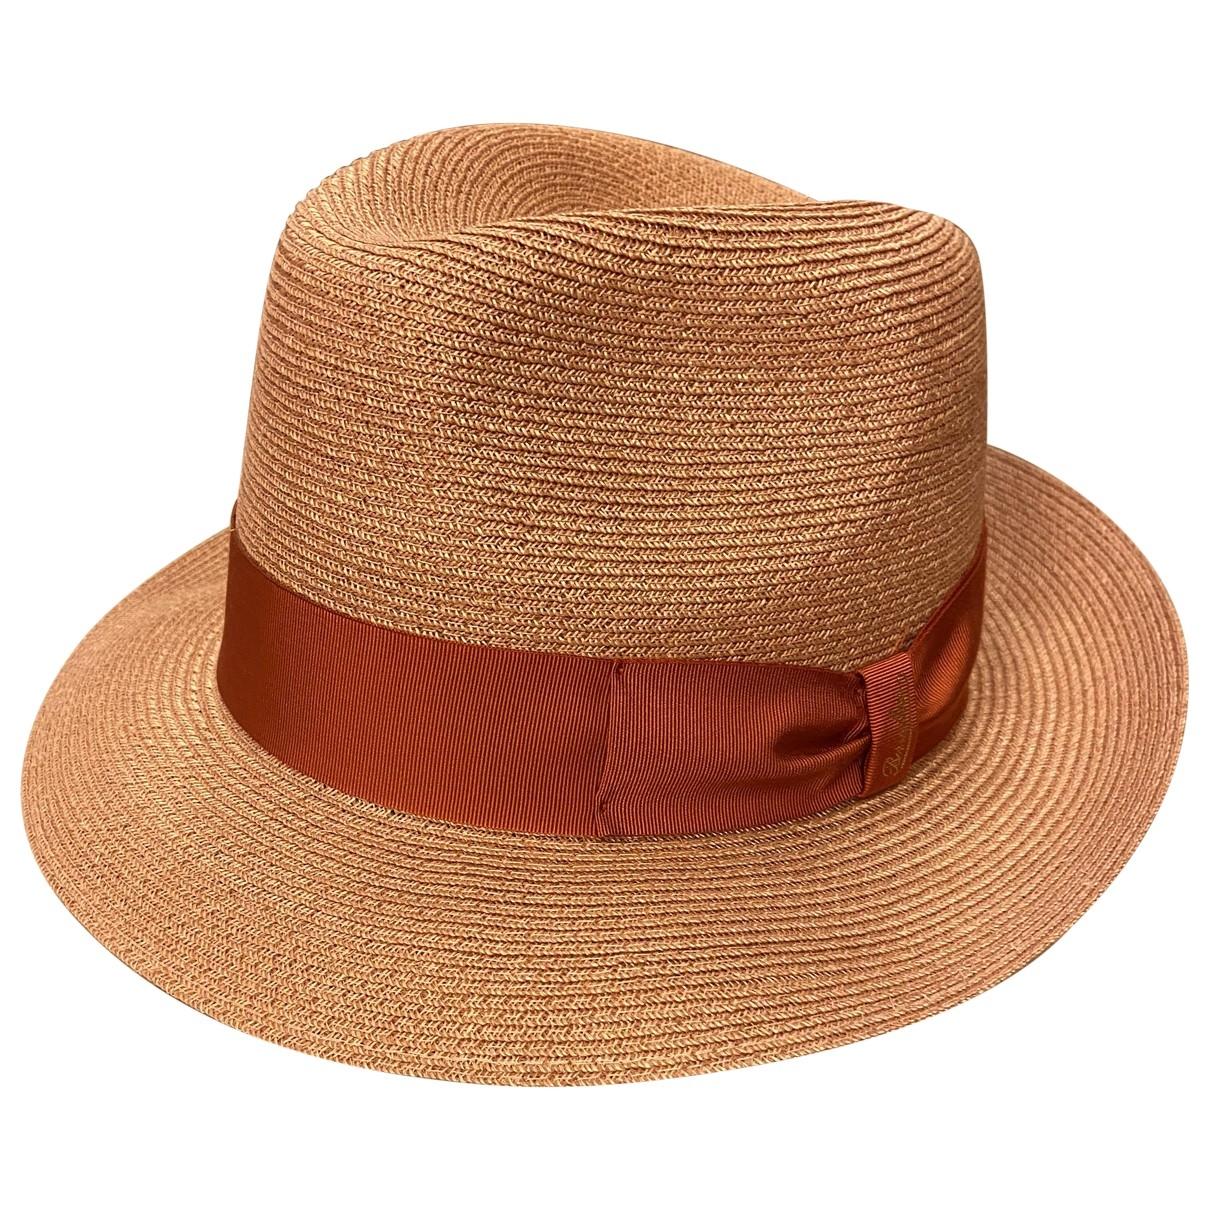 Borsalino \N Wicker hat for Women 57 cm